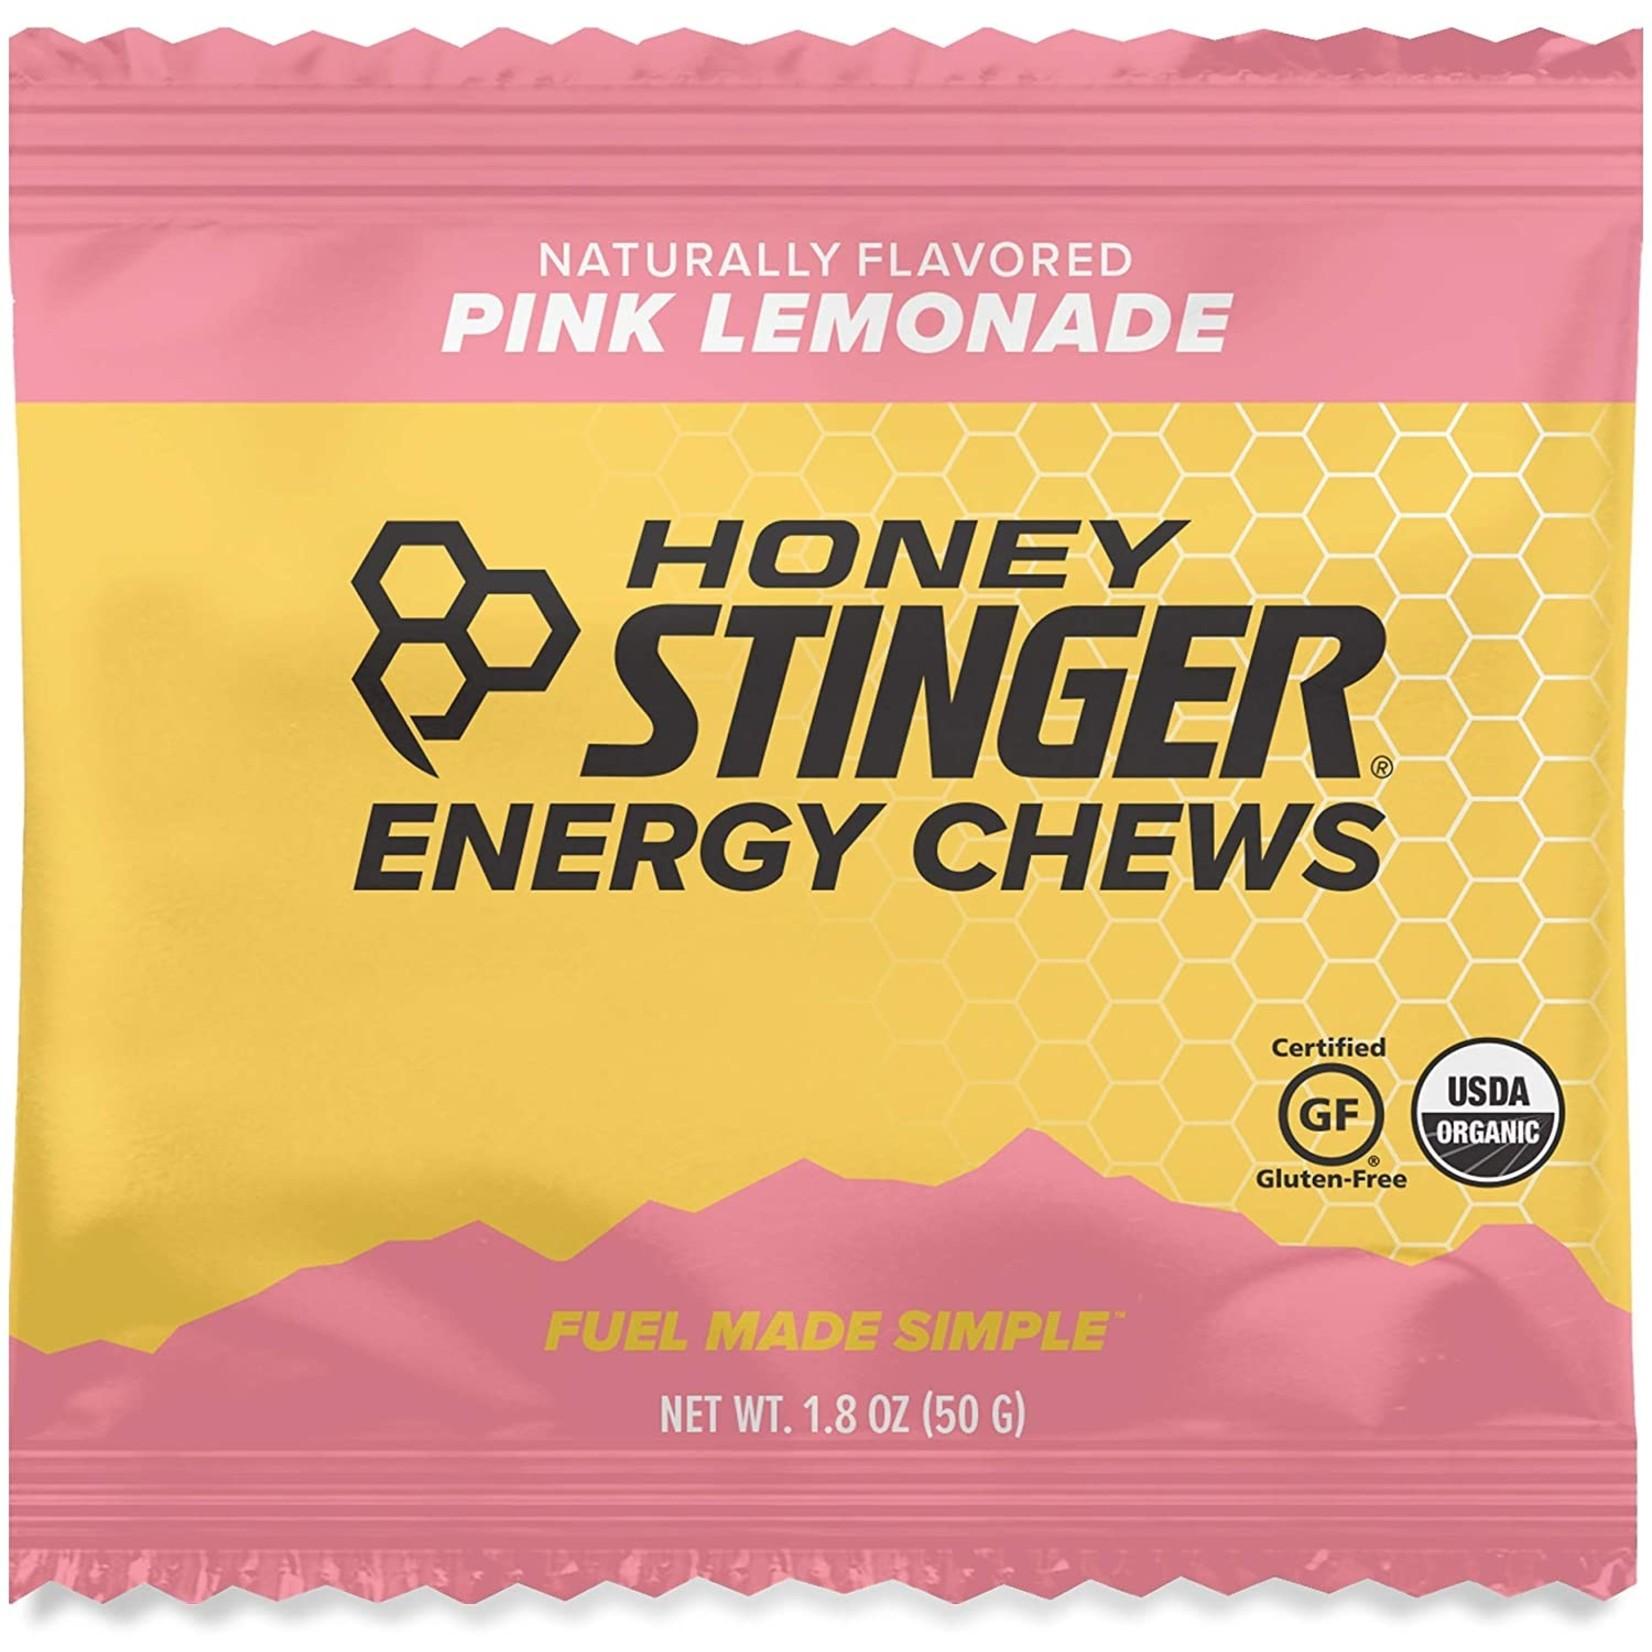 Honey Stinger Honey Stinger Organic Gluten Free Pink Lemonade Energy Chews